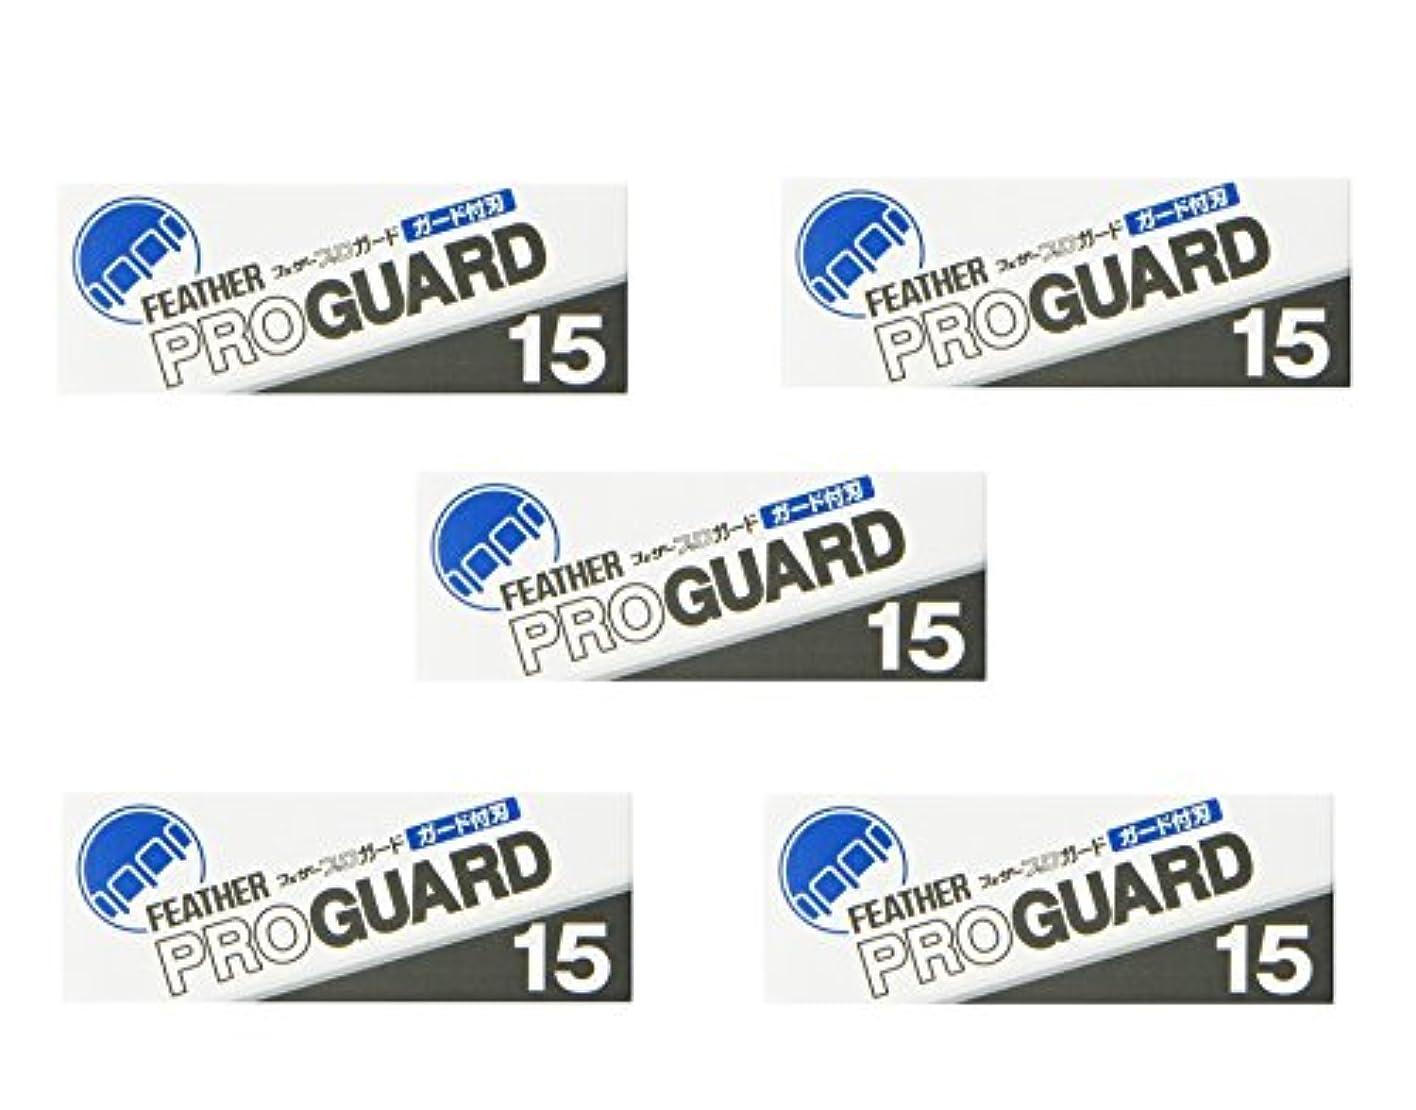 持ってる誇りライオネルグリーンストリート【5個セット】フェザープロガード 15枚入 PG-15